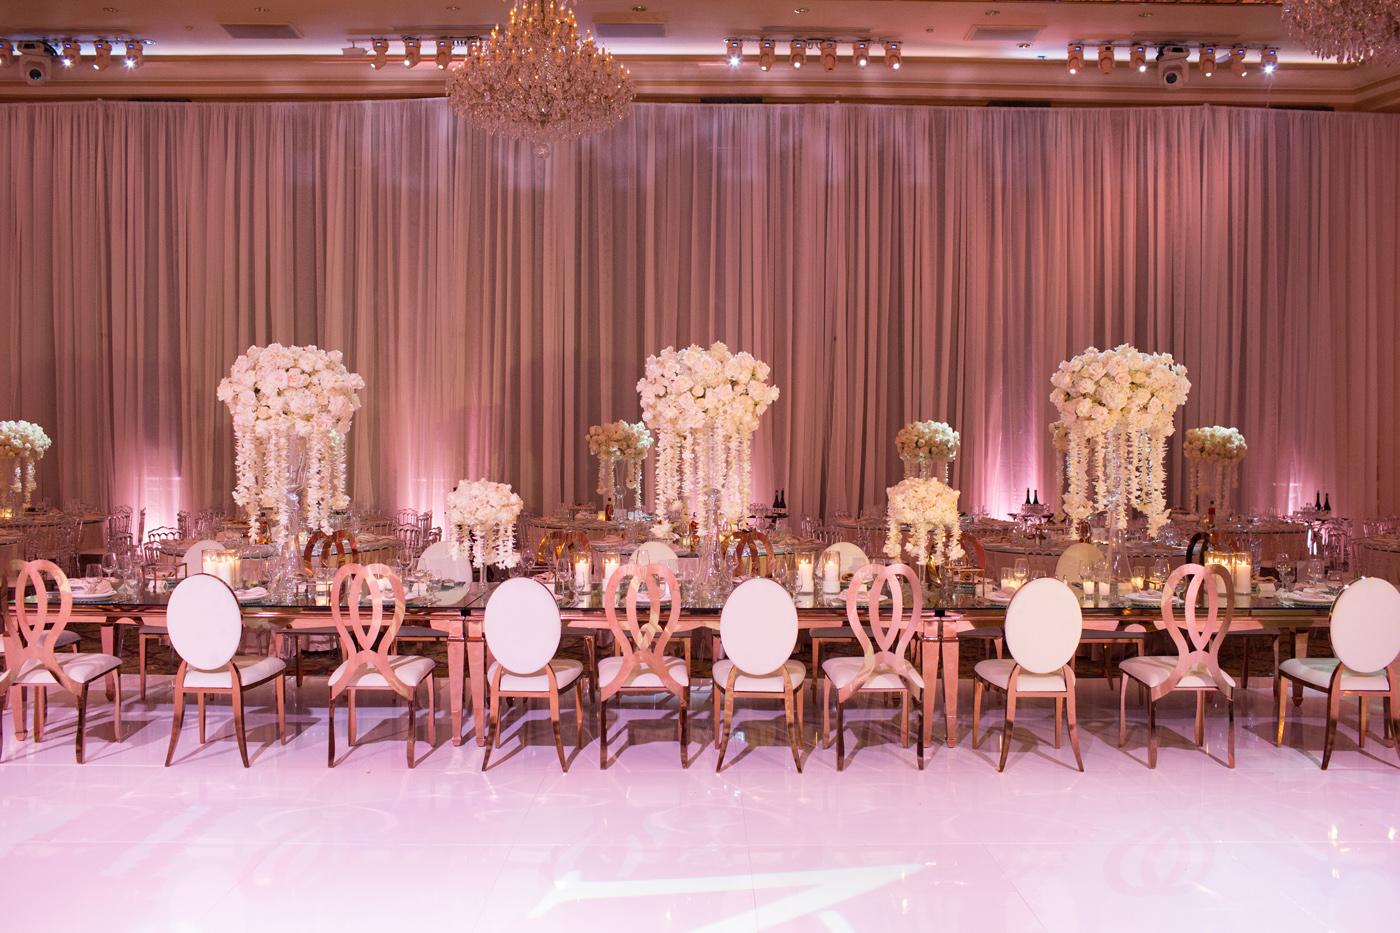 076_DukePhotography_DukeImages_Wedding_Details.jpg